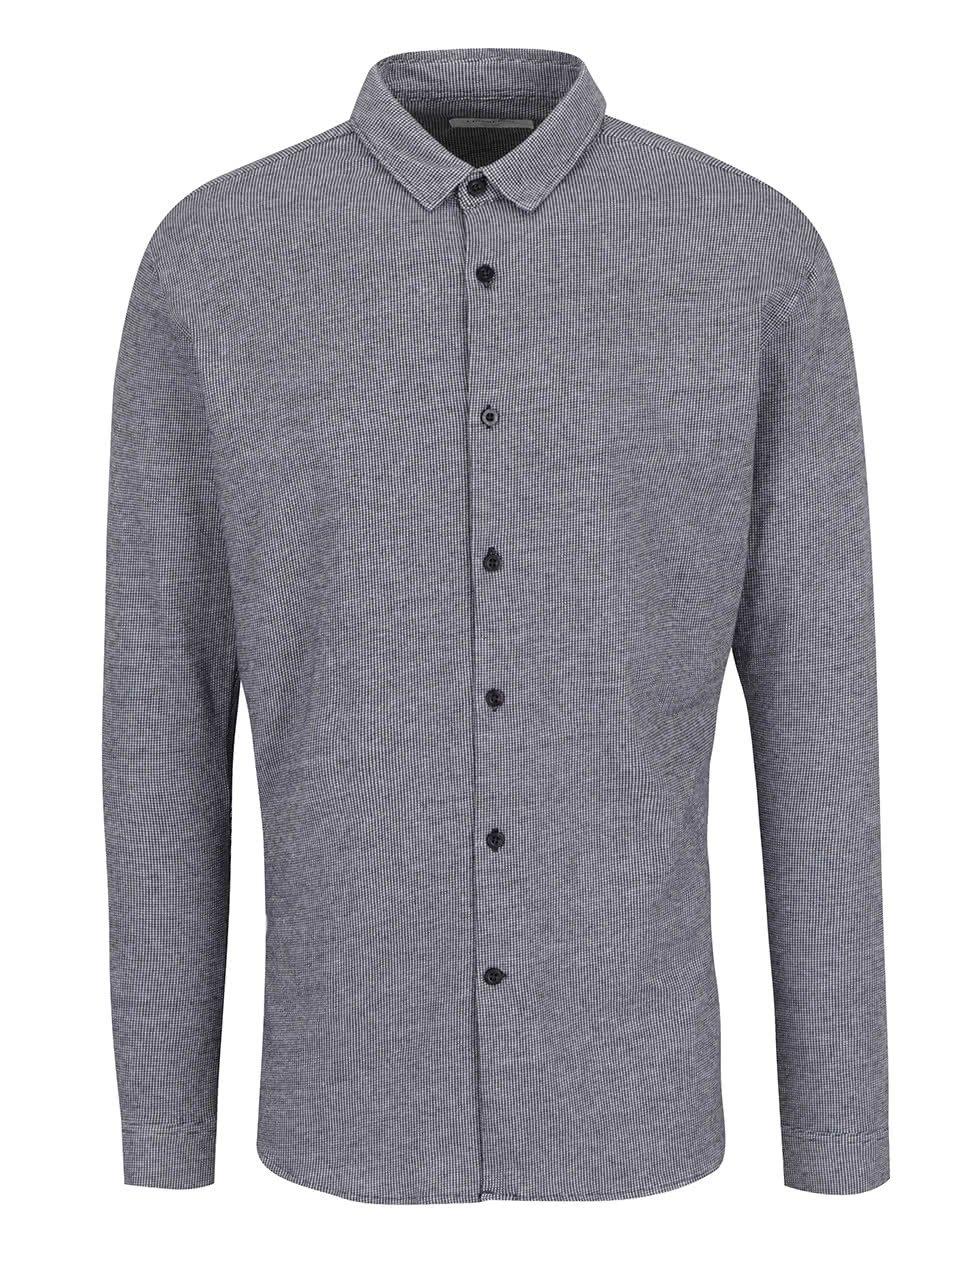 Tmavě šedá kostkovaná košile Lindbergh